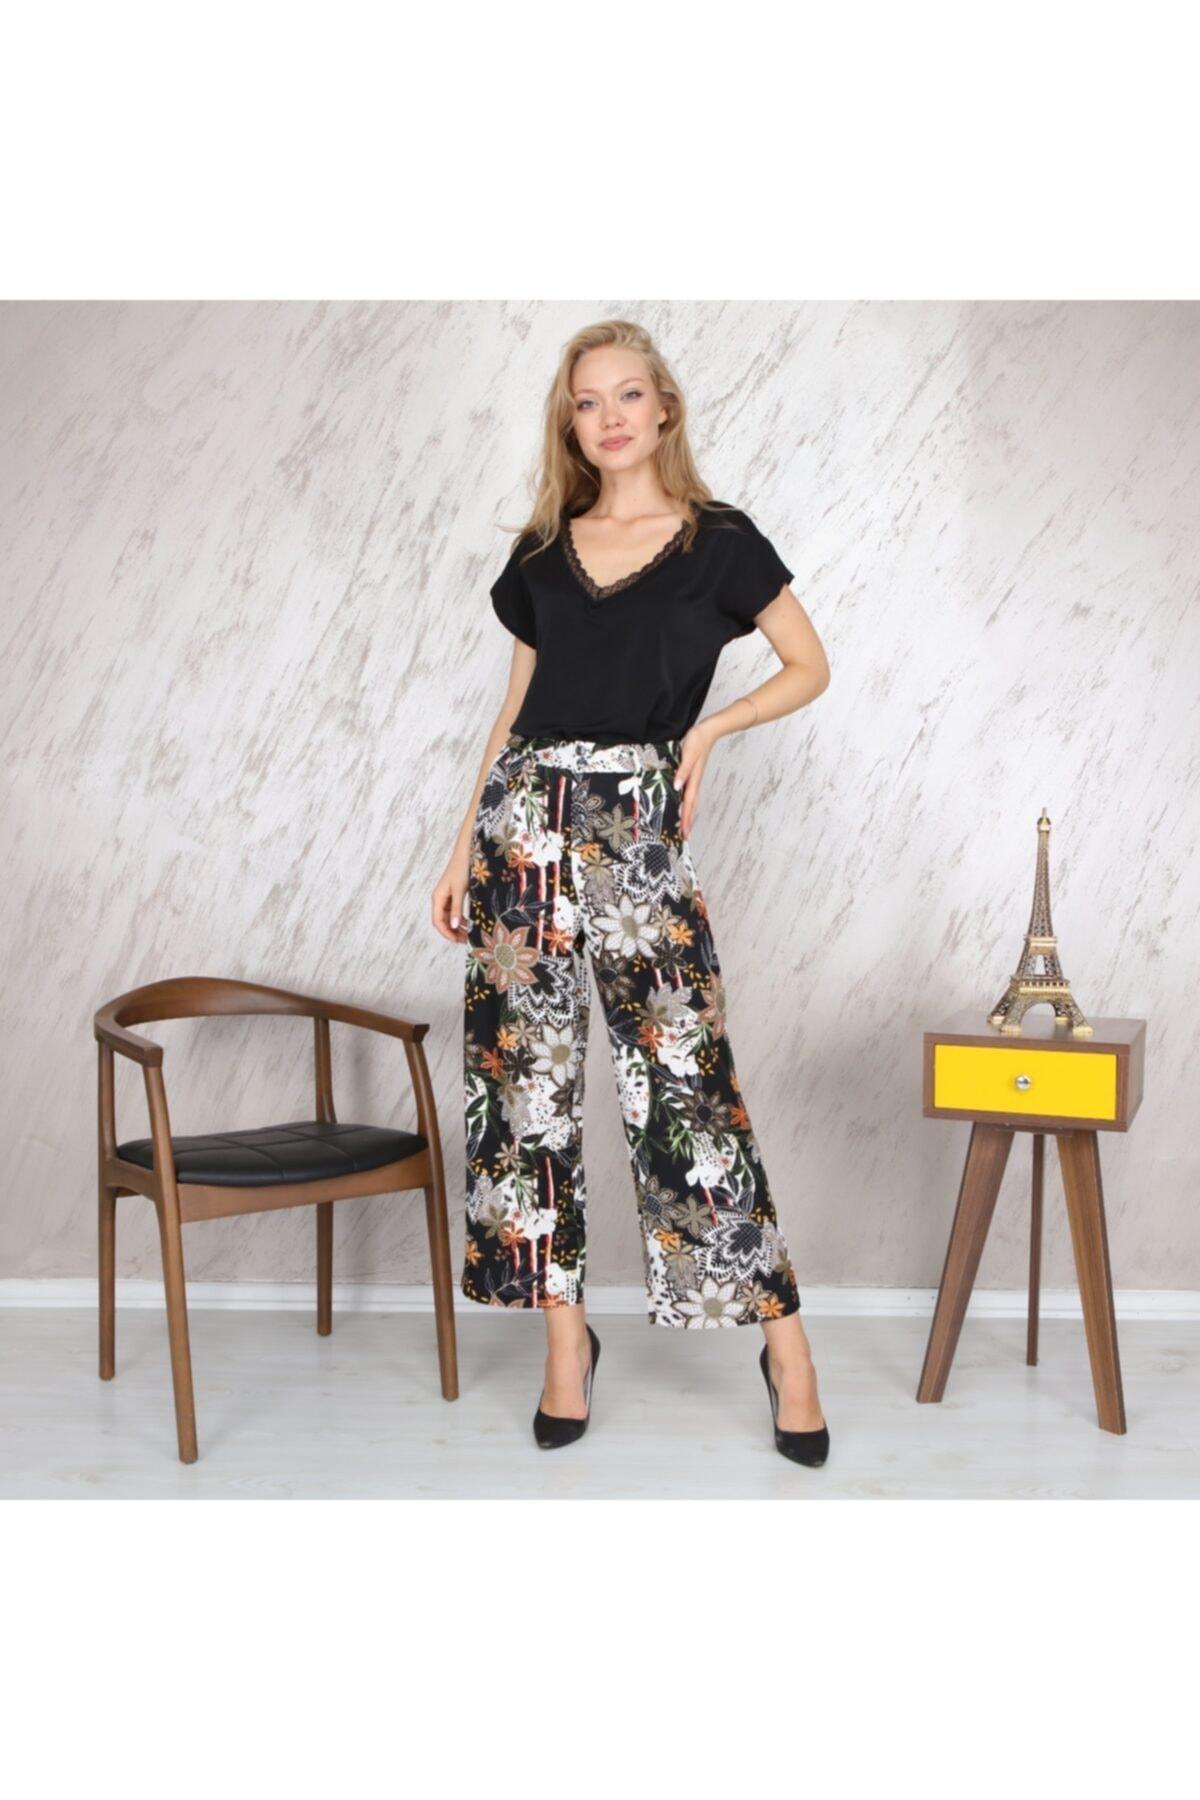 KOZAMODA Kadın Siyah Çiçek Desenli Bol Paça Pantolon 1